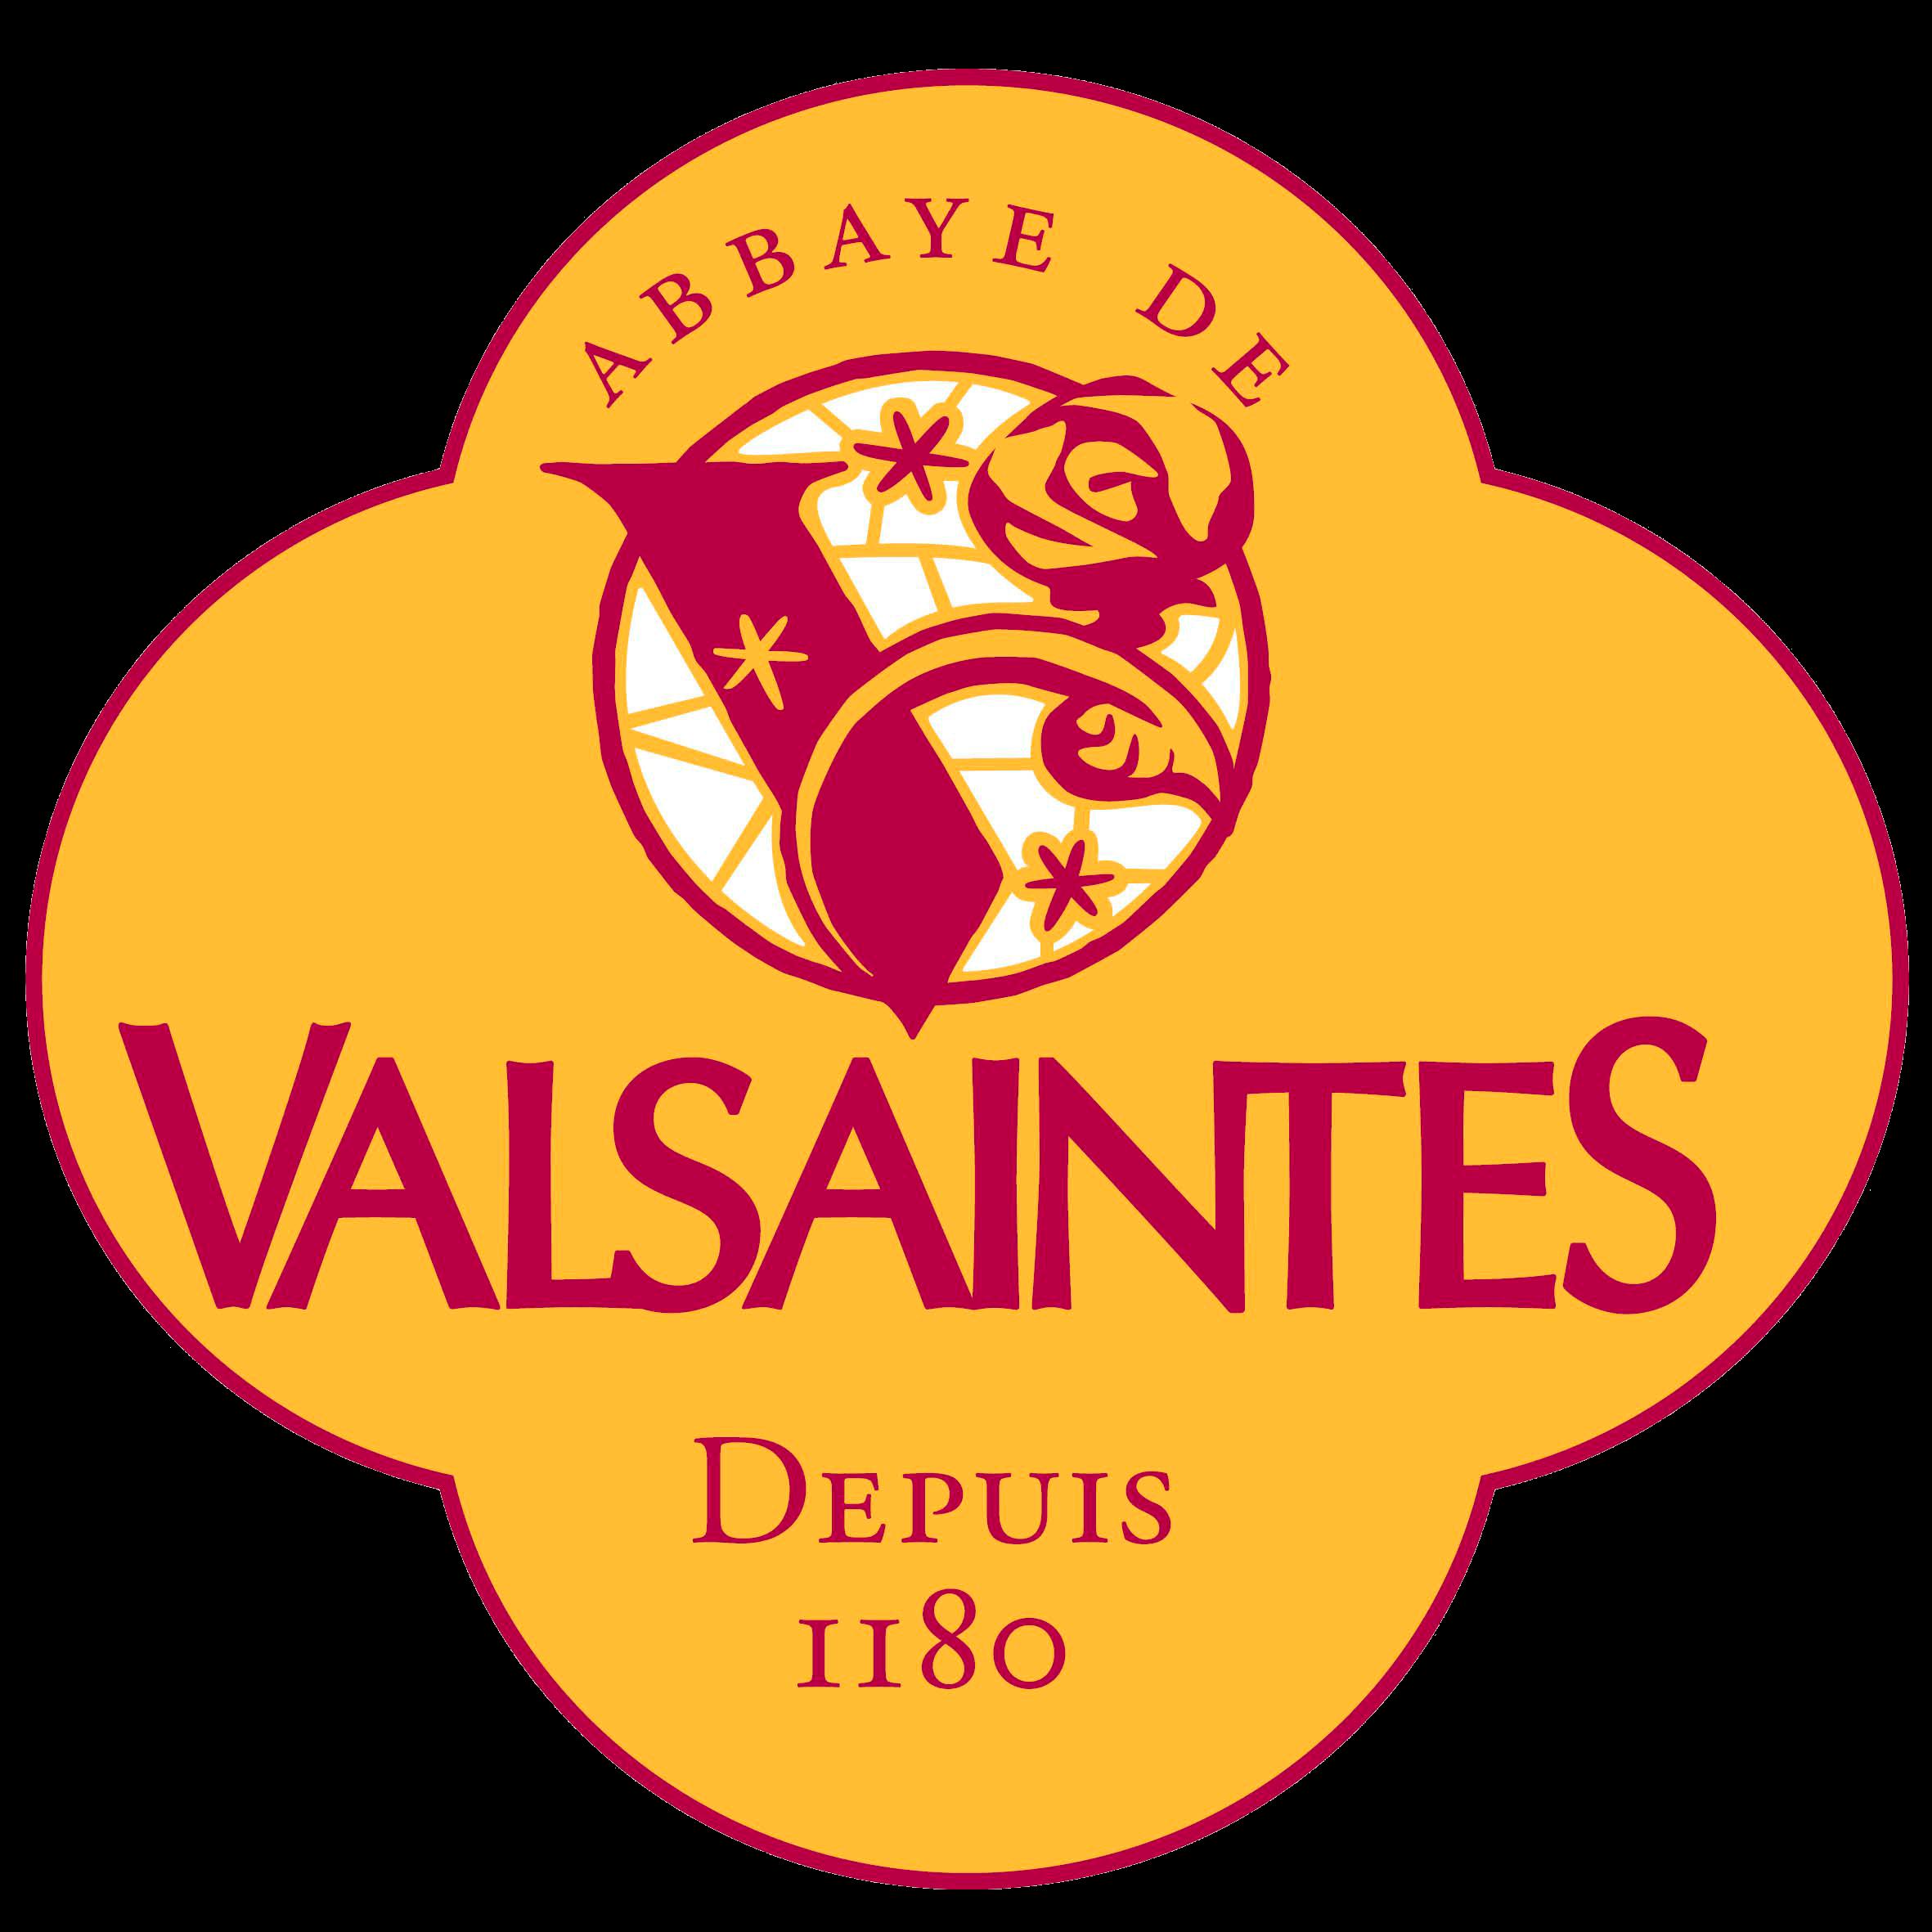 AL DRONE AL DRONE Prestation de drone et photographie aérienne pour le l'Abbaye de Valsaintes